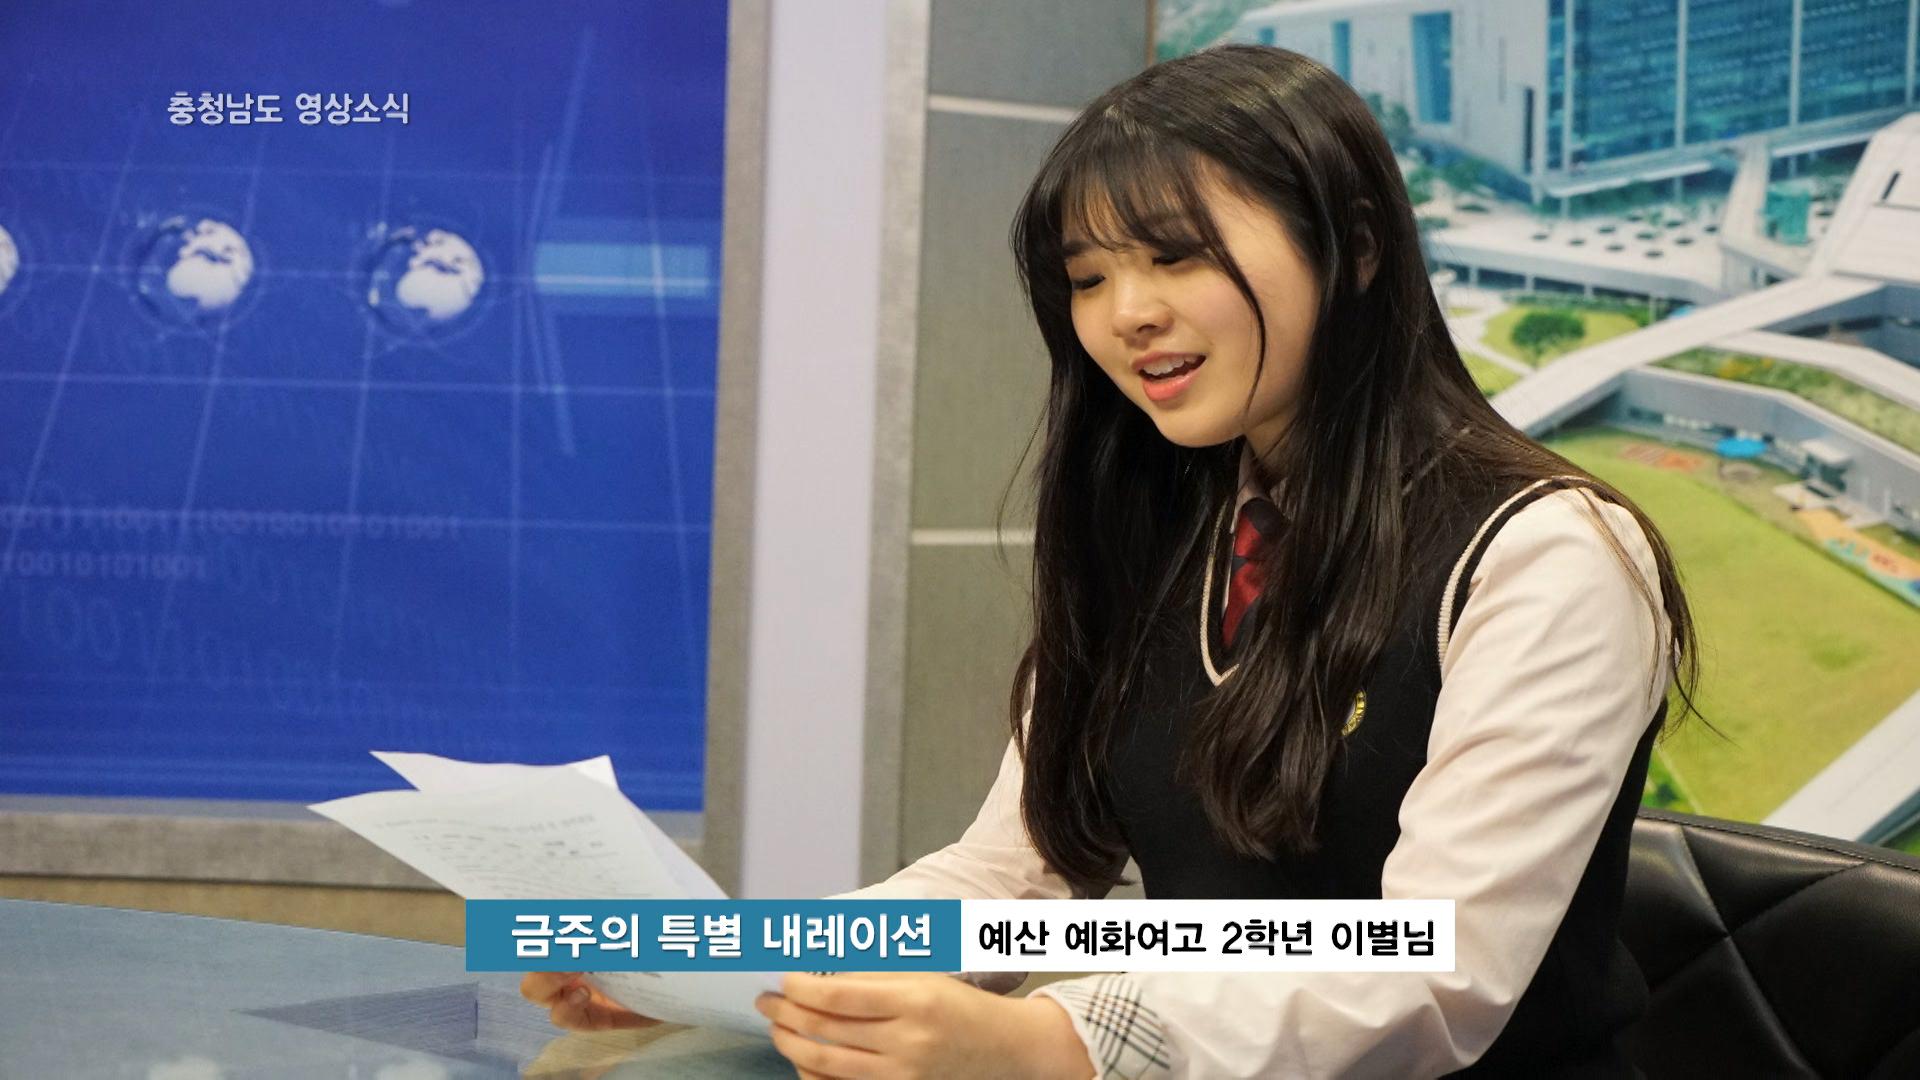 [종합]충청남도 영상소식 20회